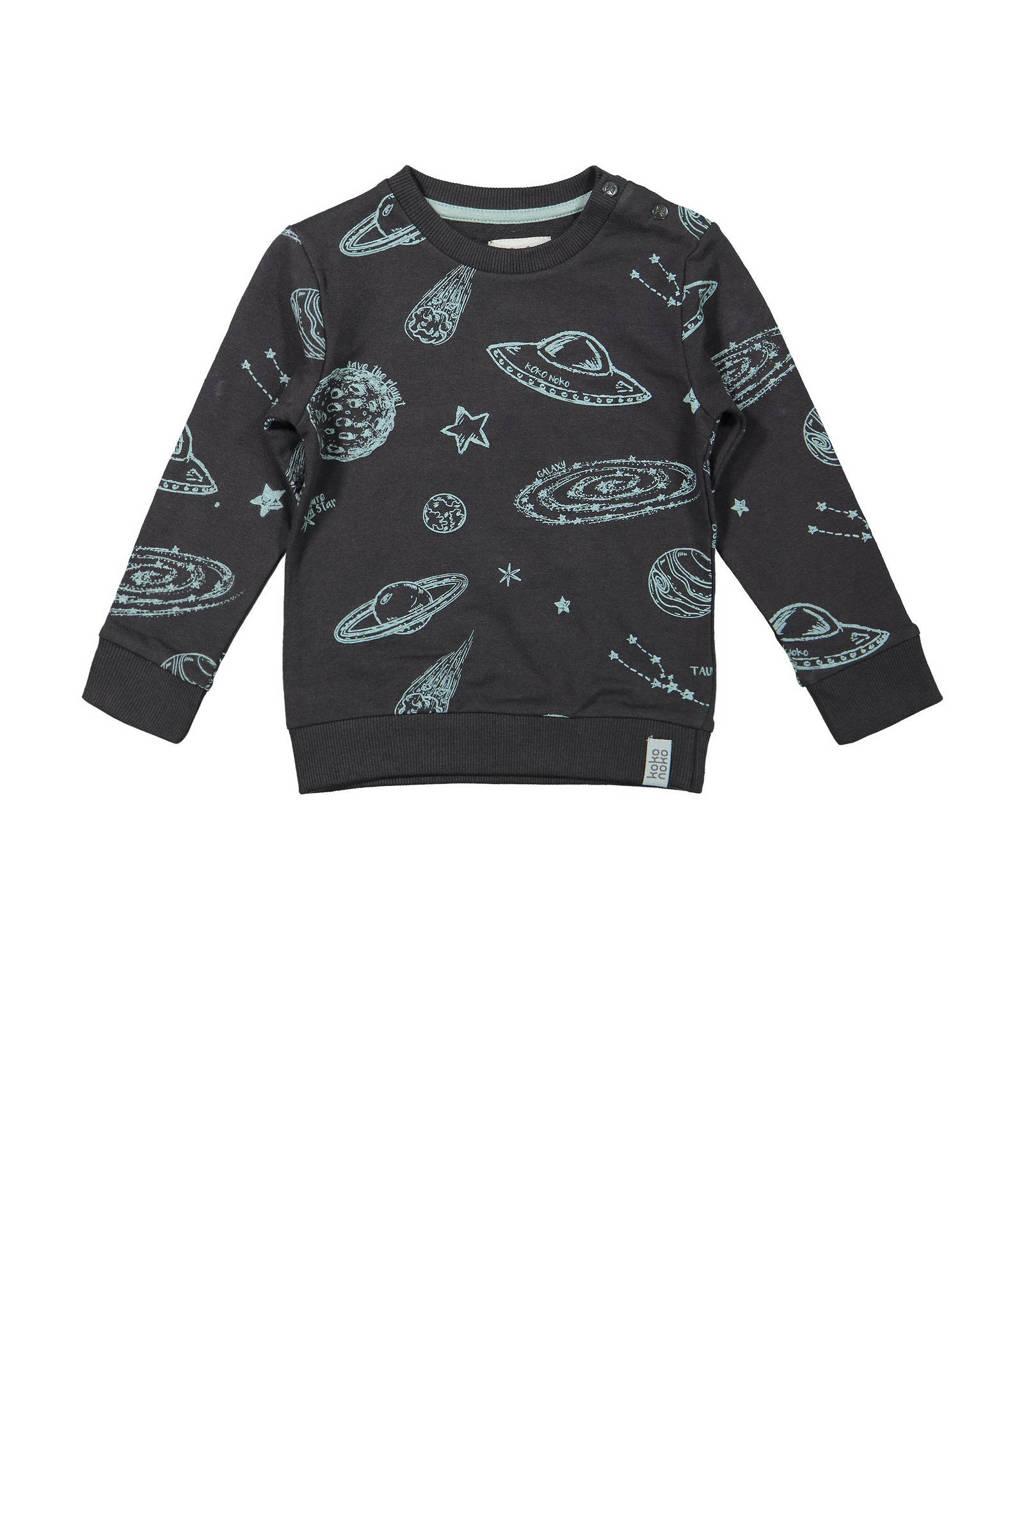 Koko Noko sweater met all over print antraciet/blauw, Antraciet/blauw